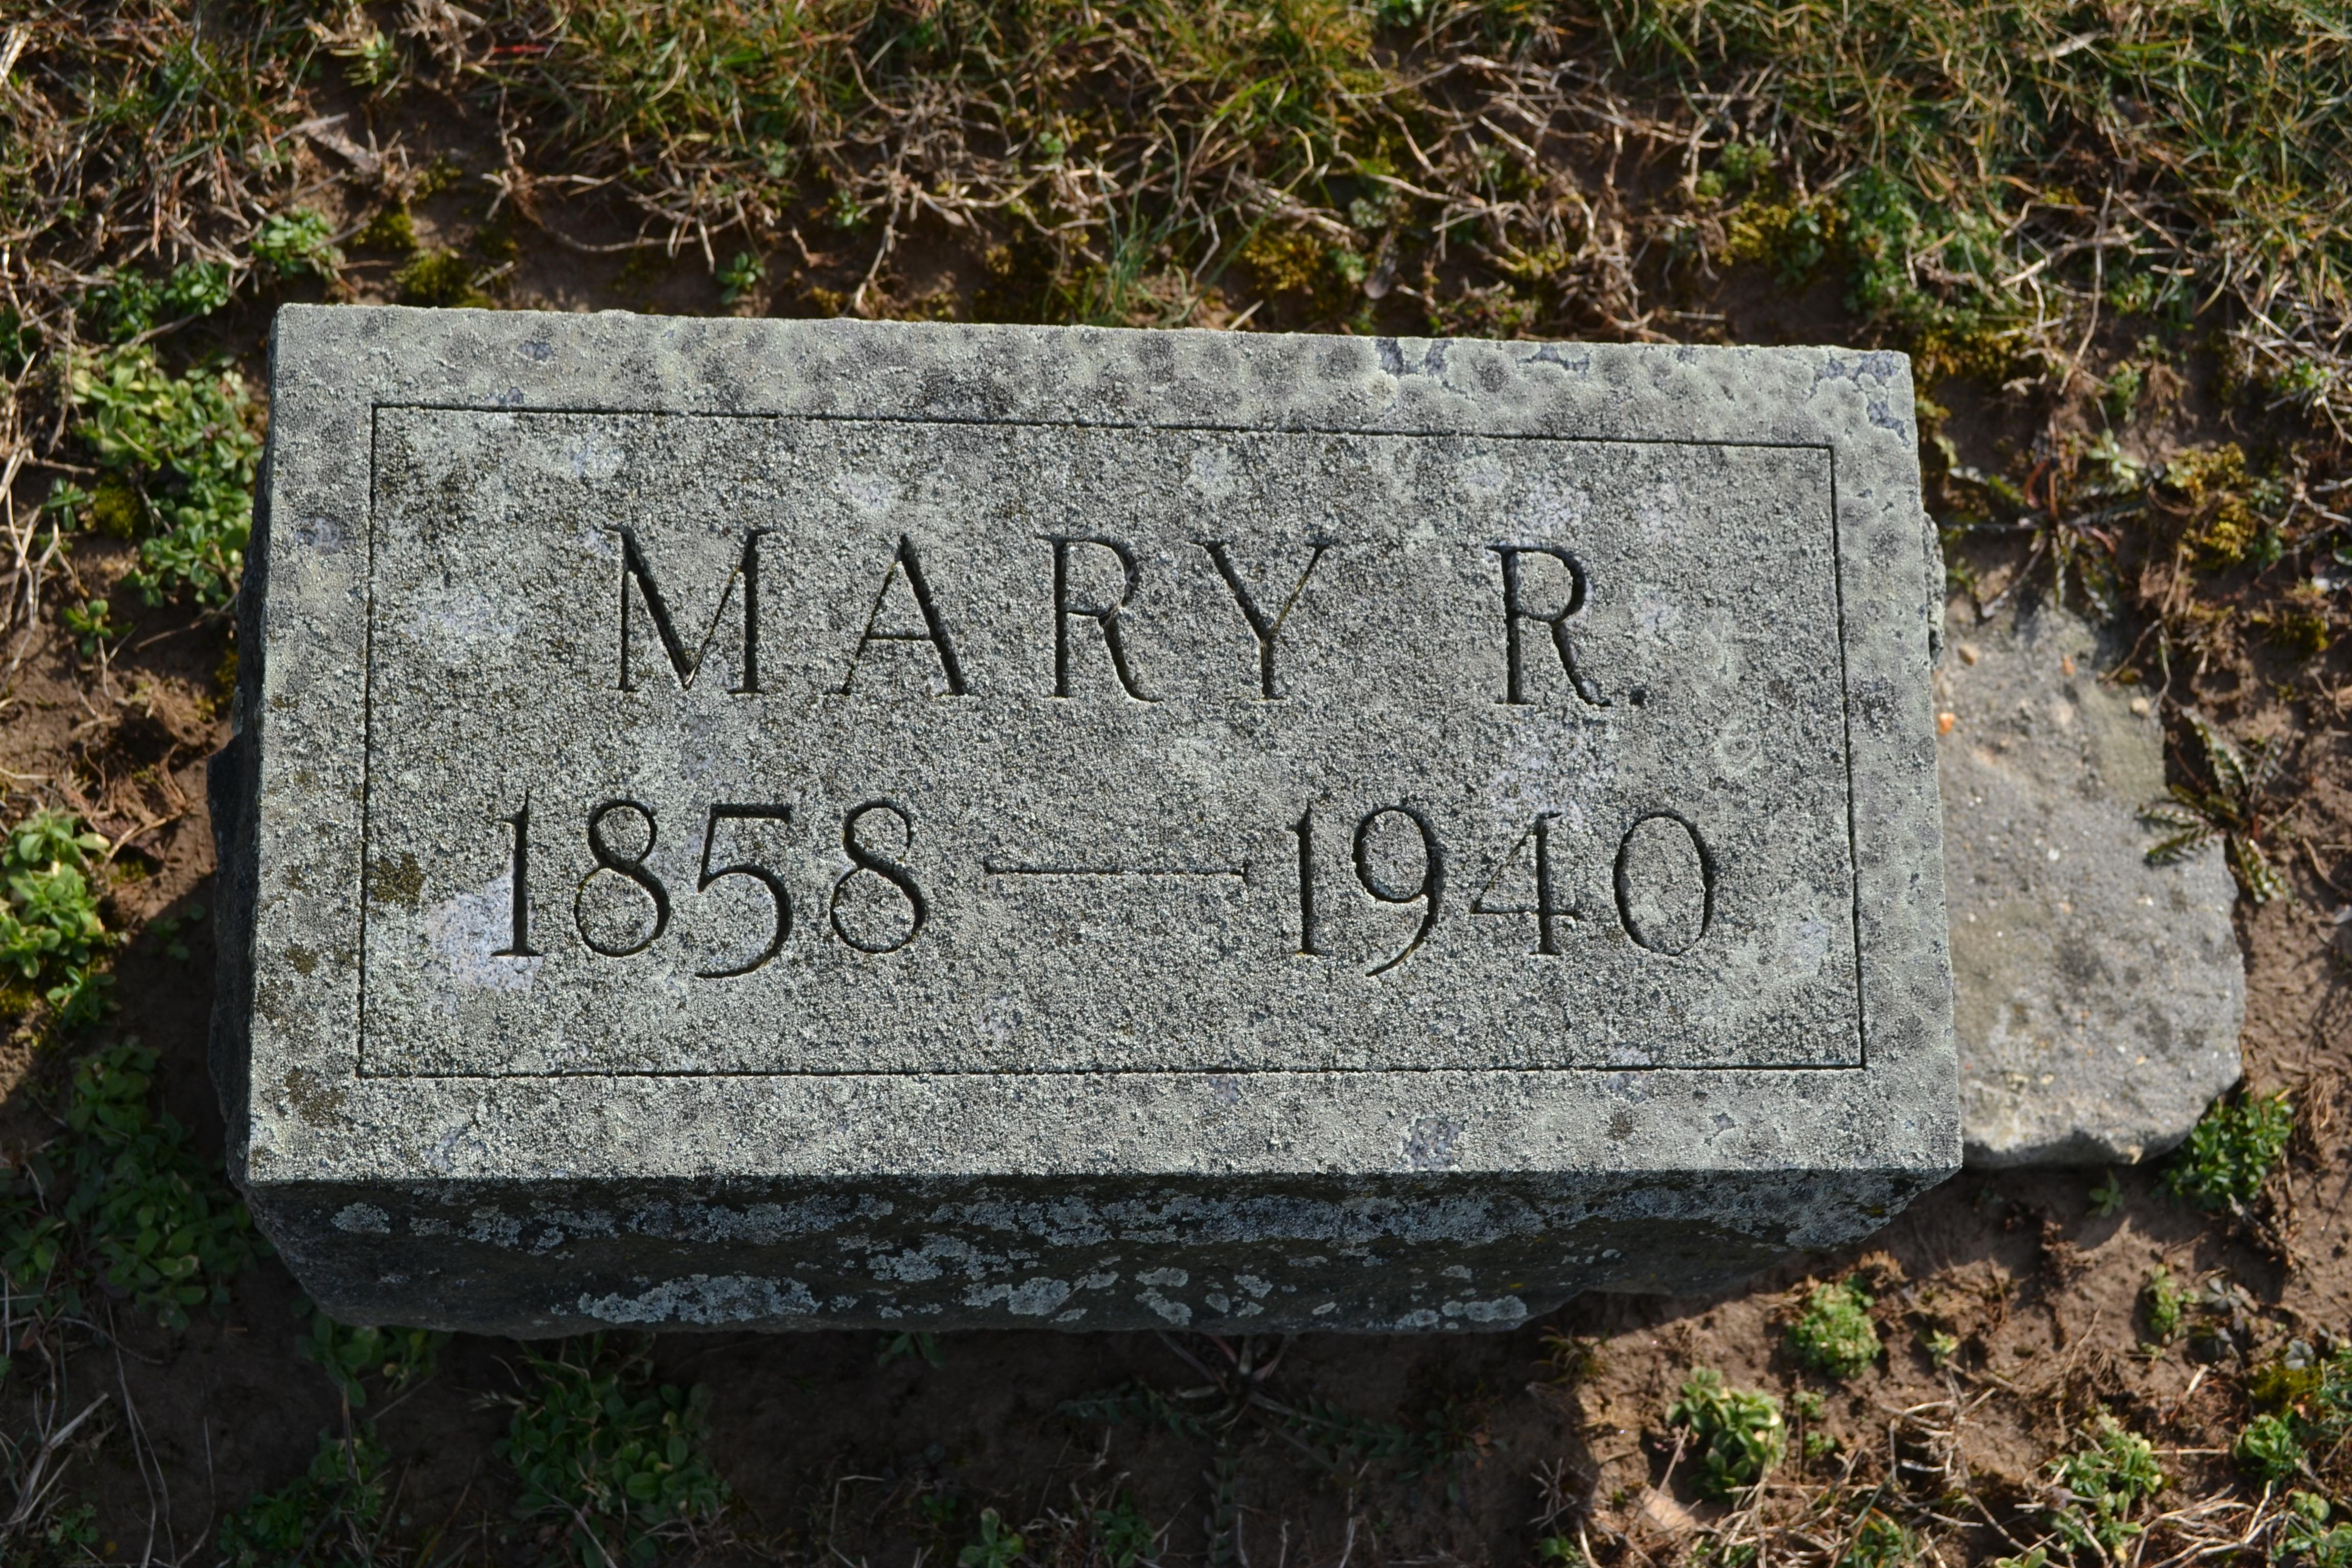 Mary R. Sparks